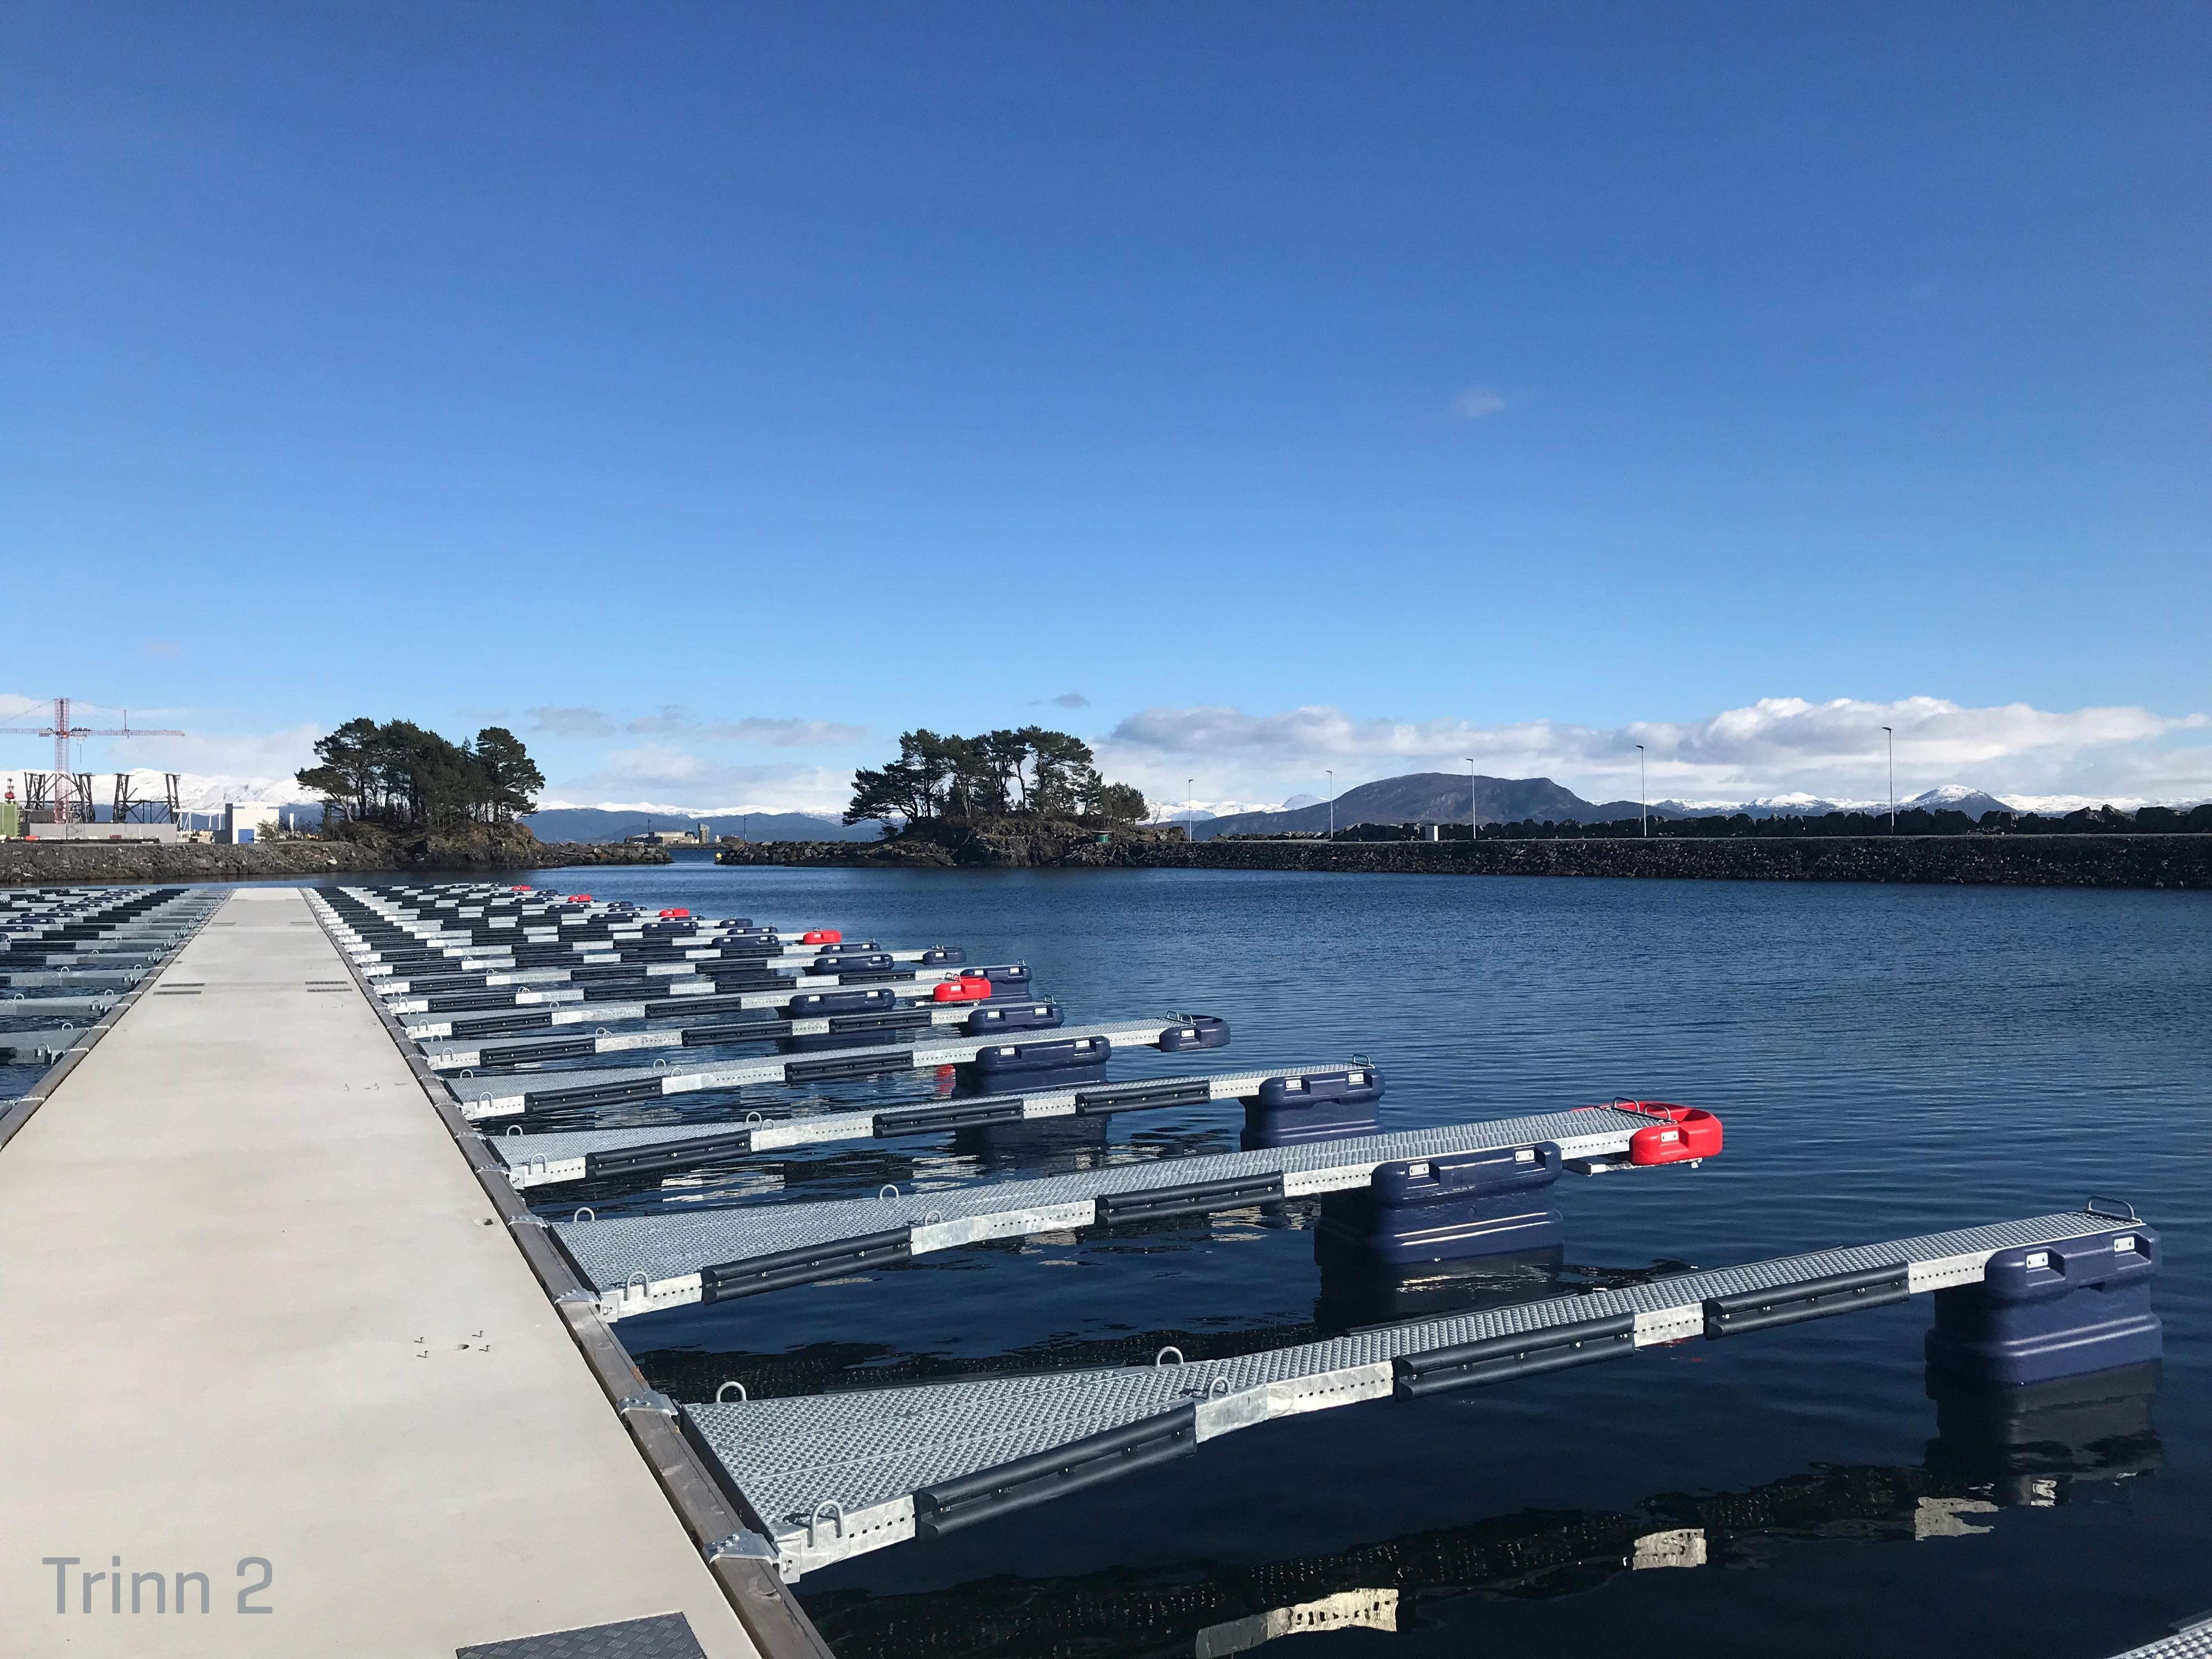 https://www.marinasolutions.no/uploads/Skjersholmane-båthavn-forlengelse-tallykey-marina-solutions-fenderlister-betongbrygger-4-trinn-2.jpg